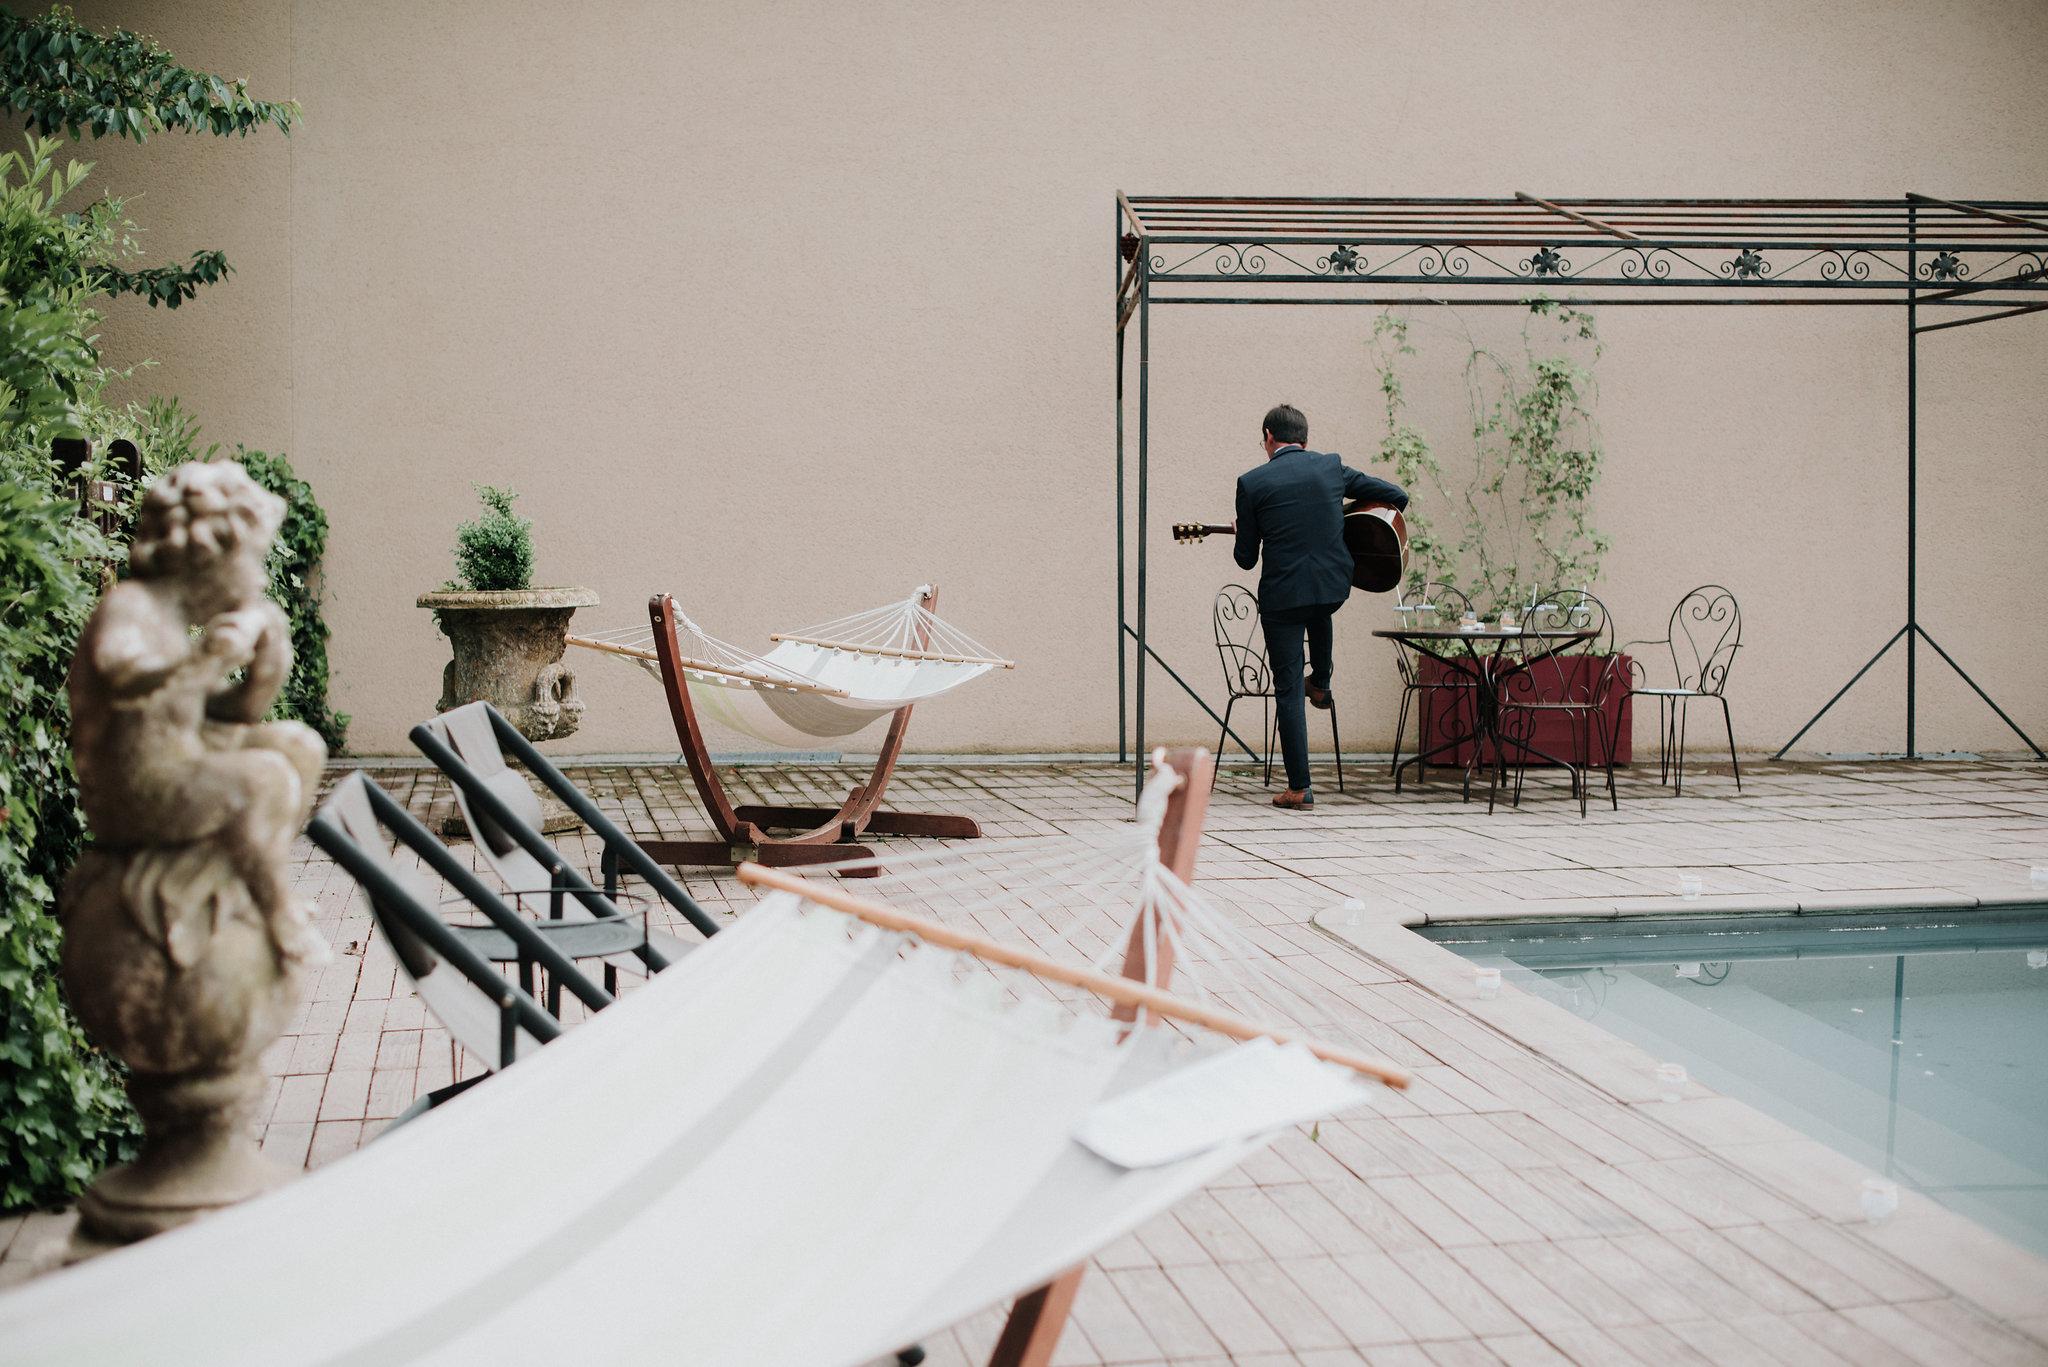 Léa-Fery-photographe-professionnel-lyon-rhone-alpes-portrait-creation-mariage-evenement-evenementiel-famille-2526.jpg